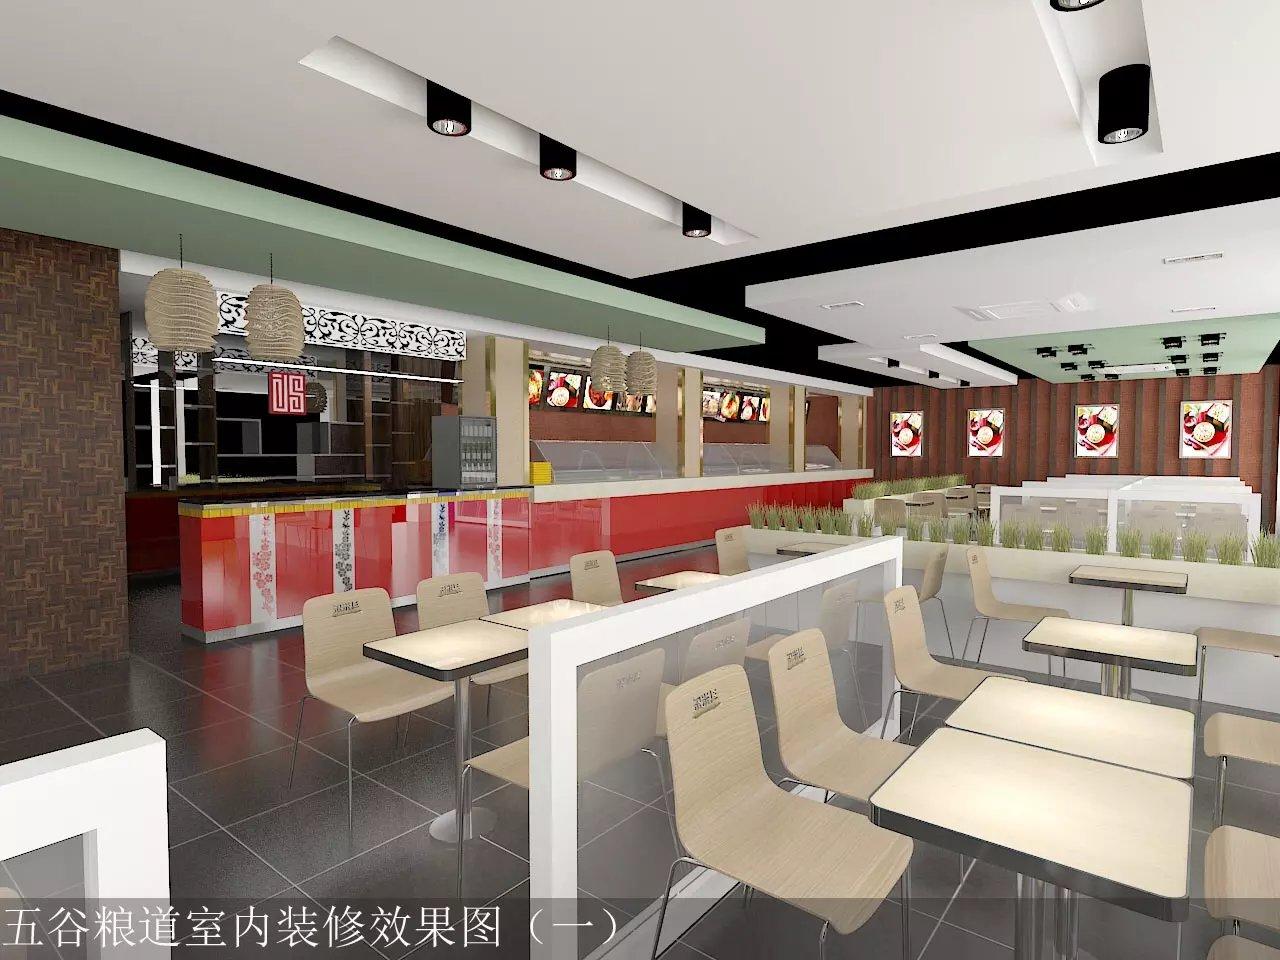 一级的快捷餐厅-快捷餐厅装修公司